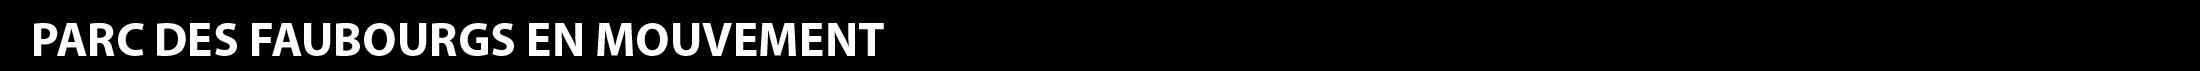 Titre2-01